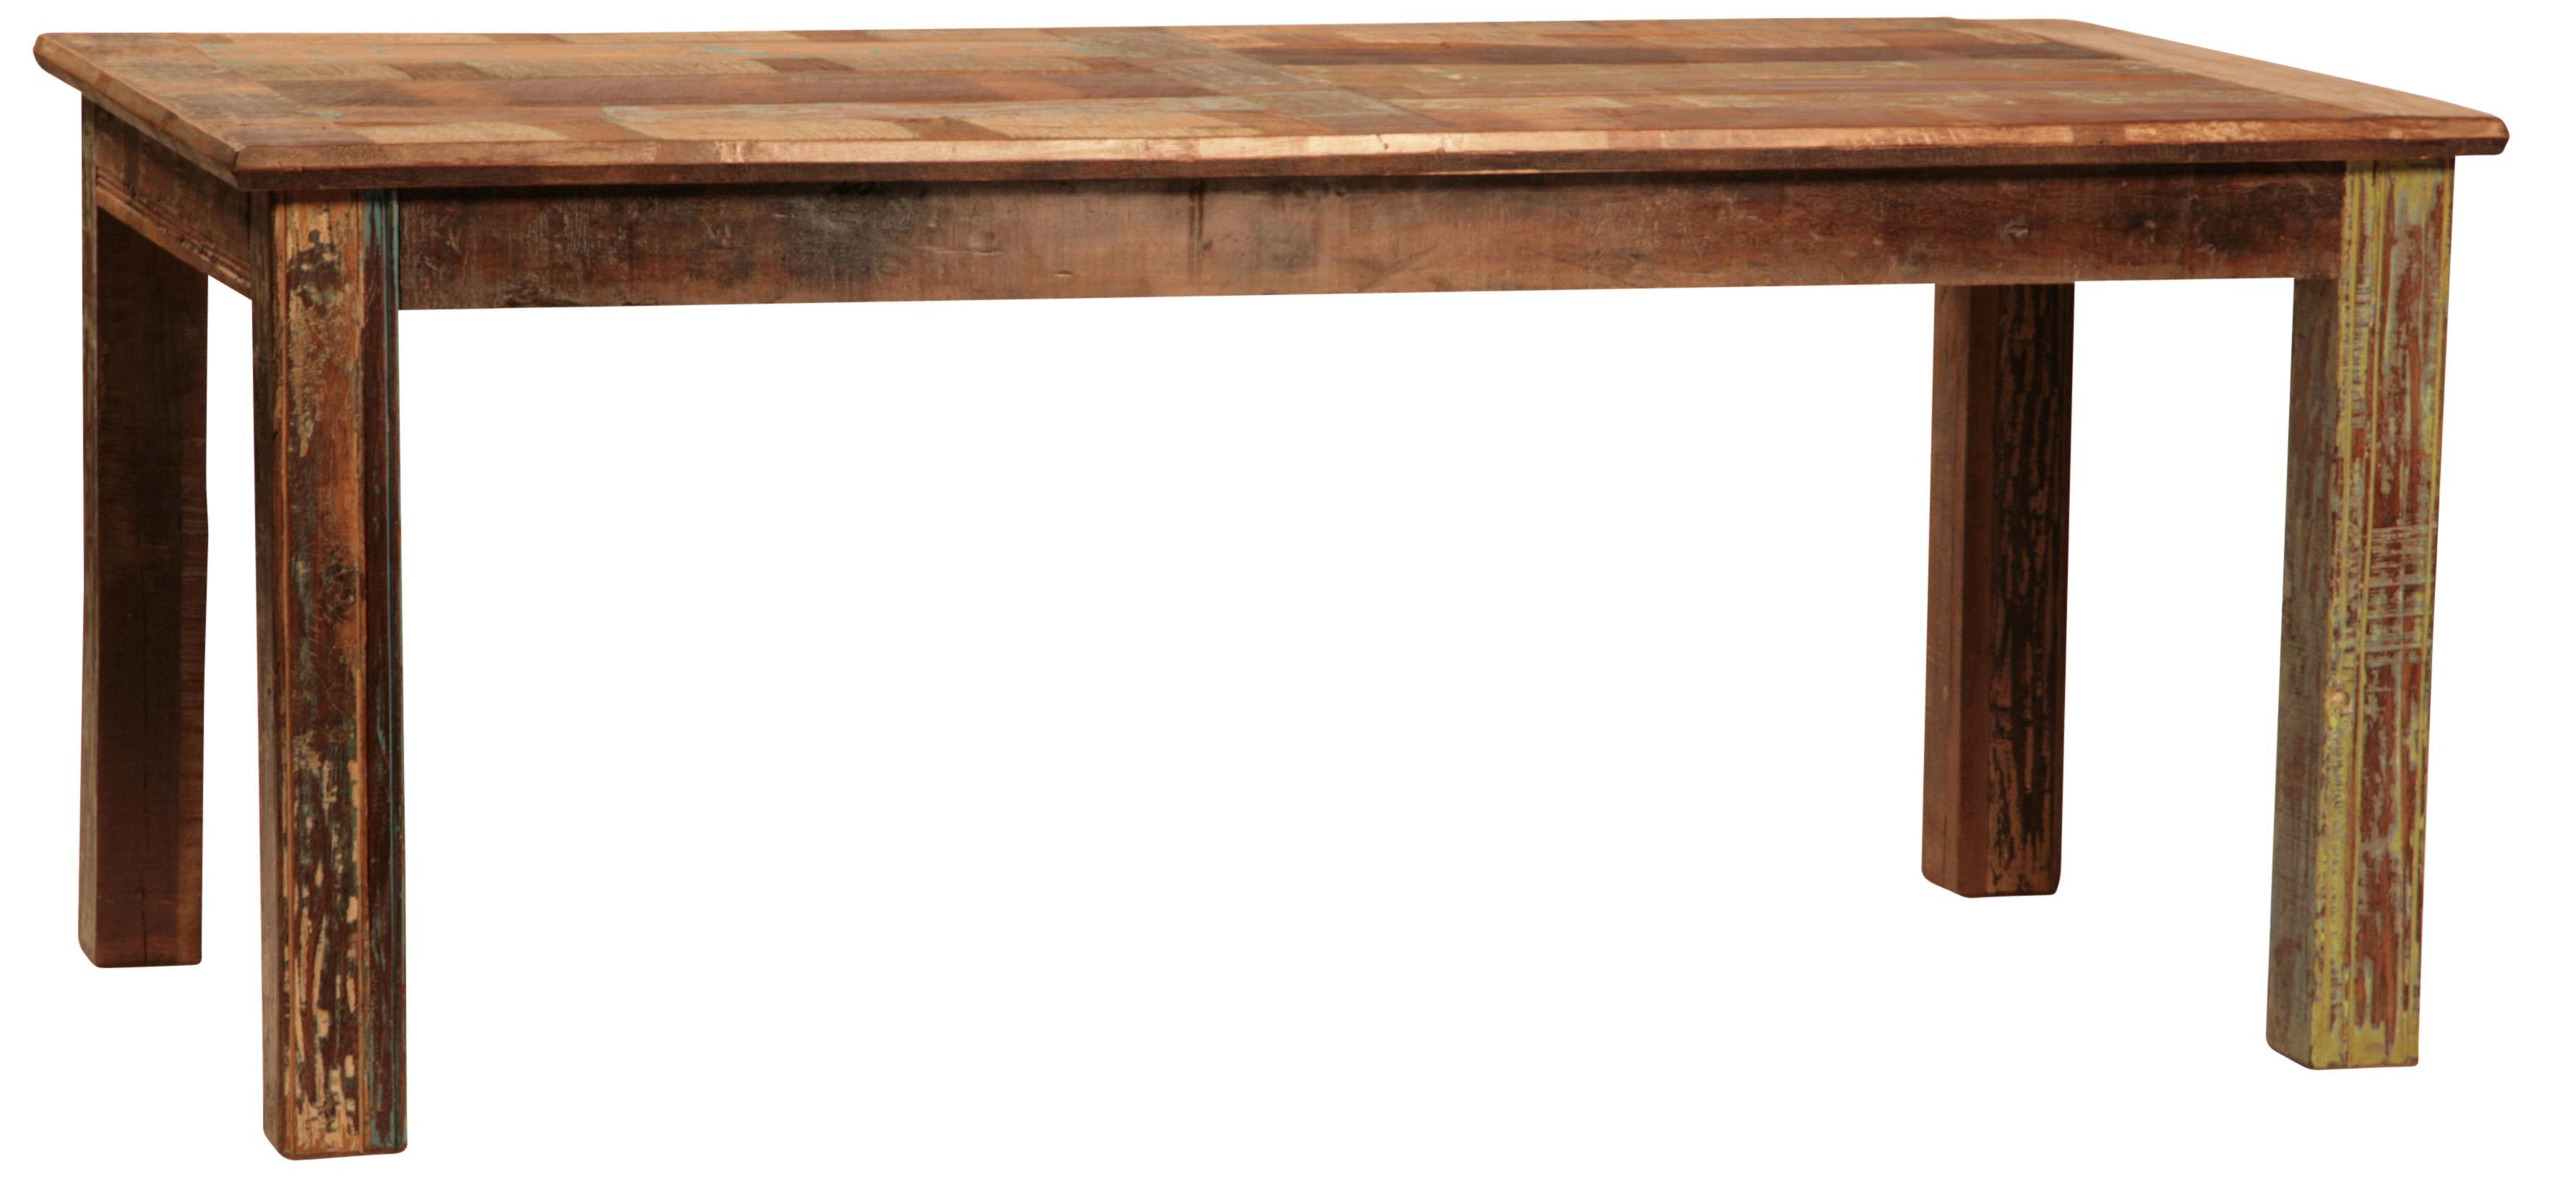 Dovetail Furniture Dovetail Rectangular Dining Leg Table